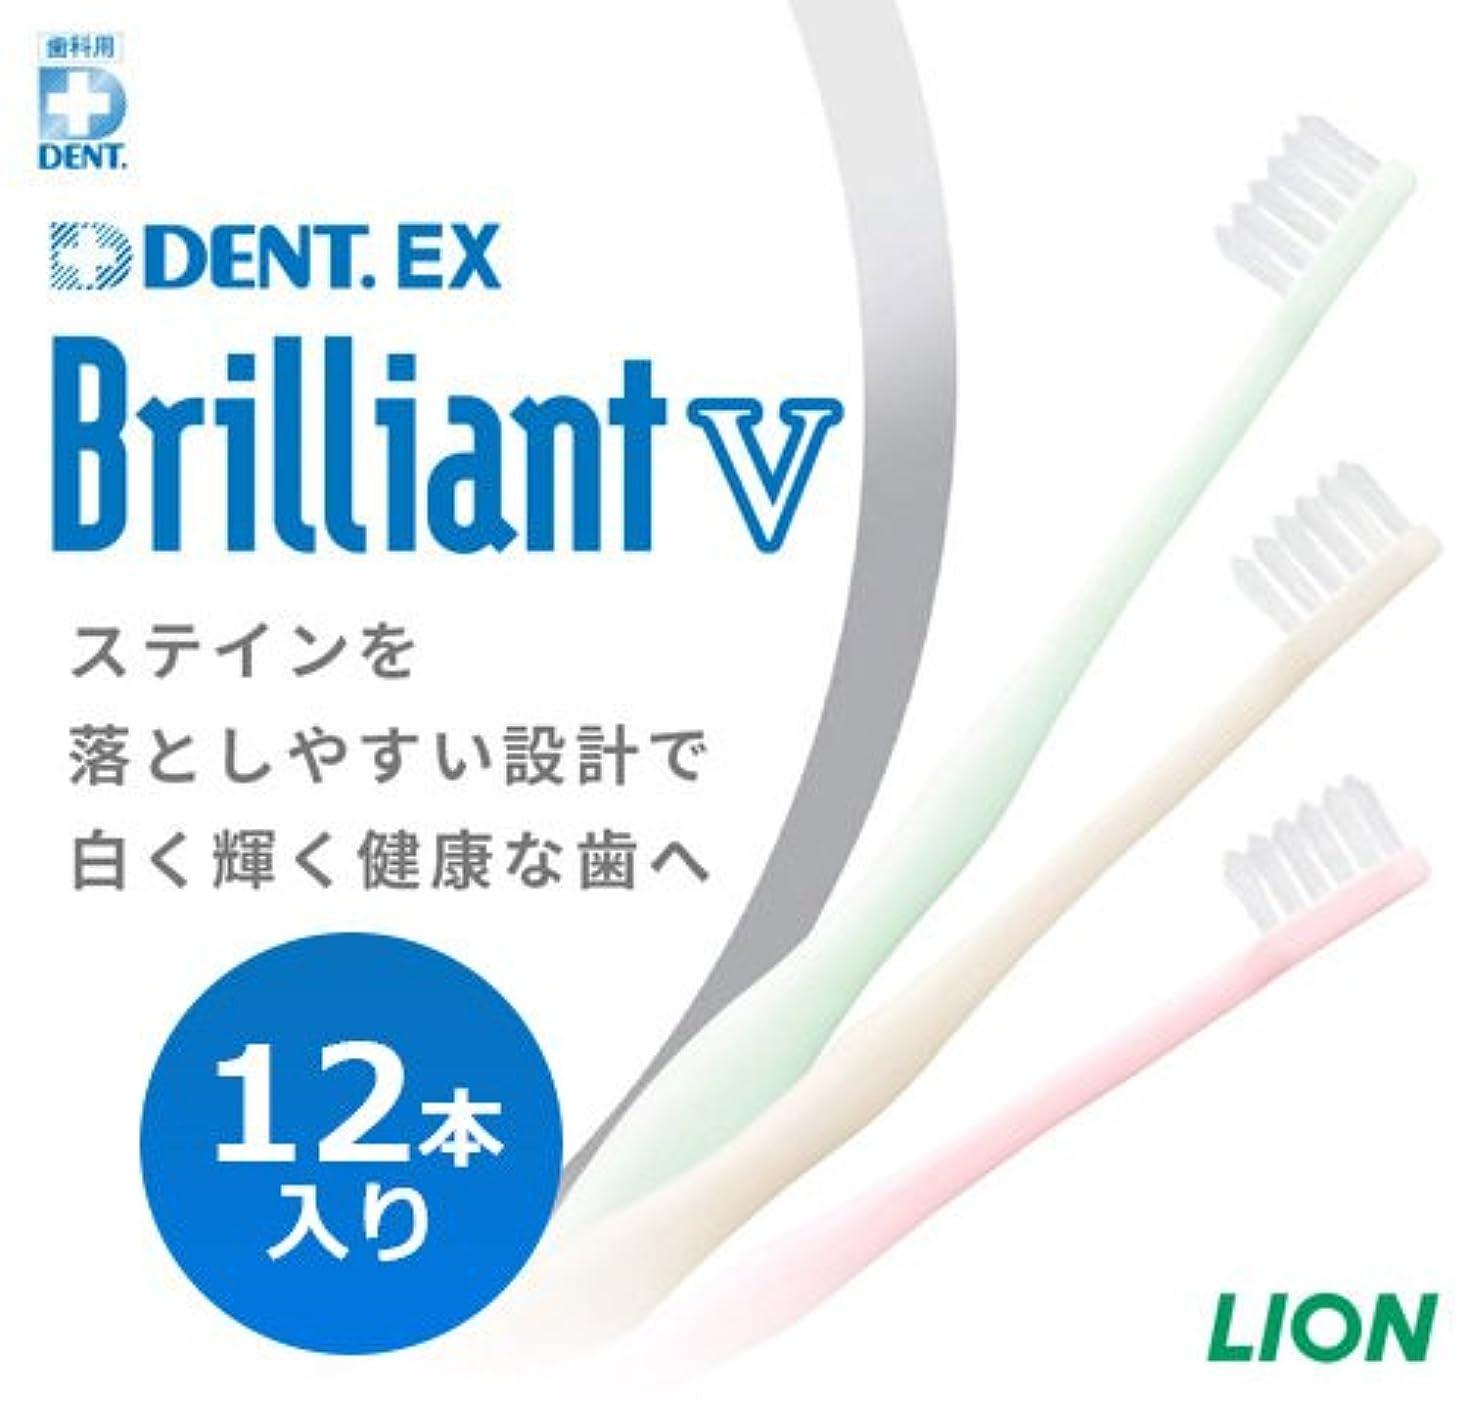 熱心くびれた在庫ライオン DENT.EX ブリリアント V 歯ブラシ 12本